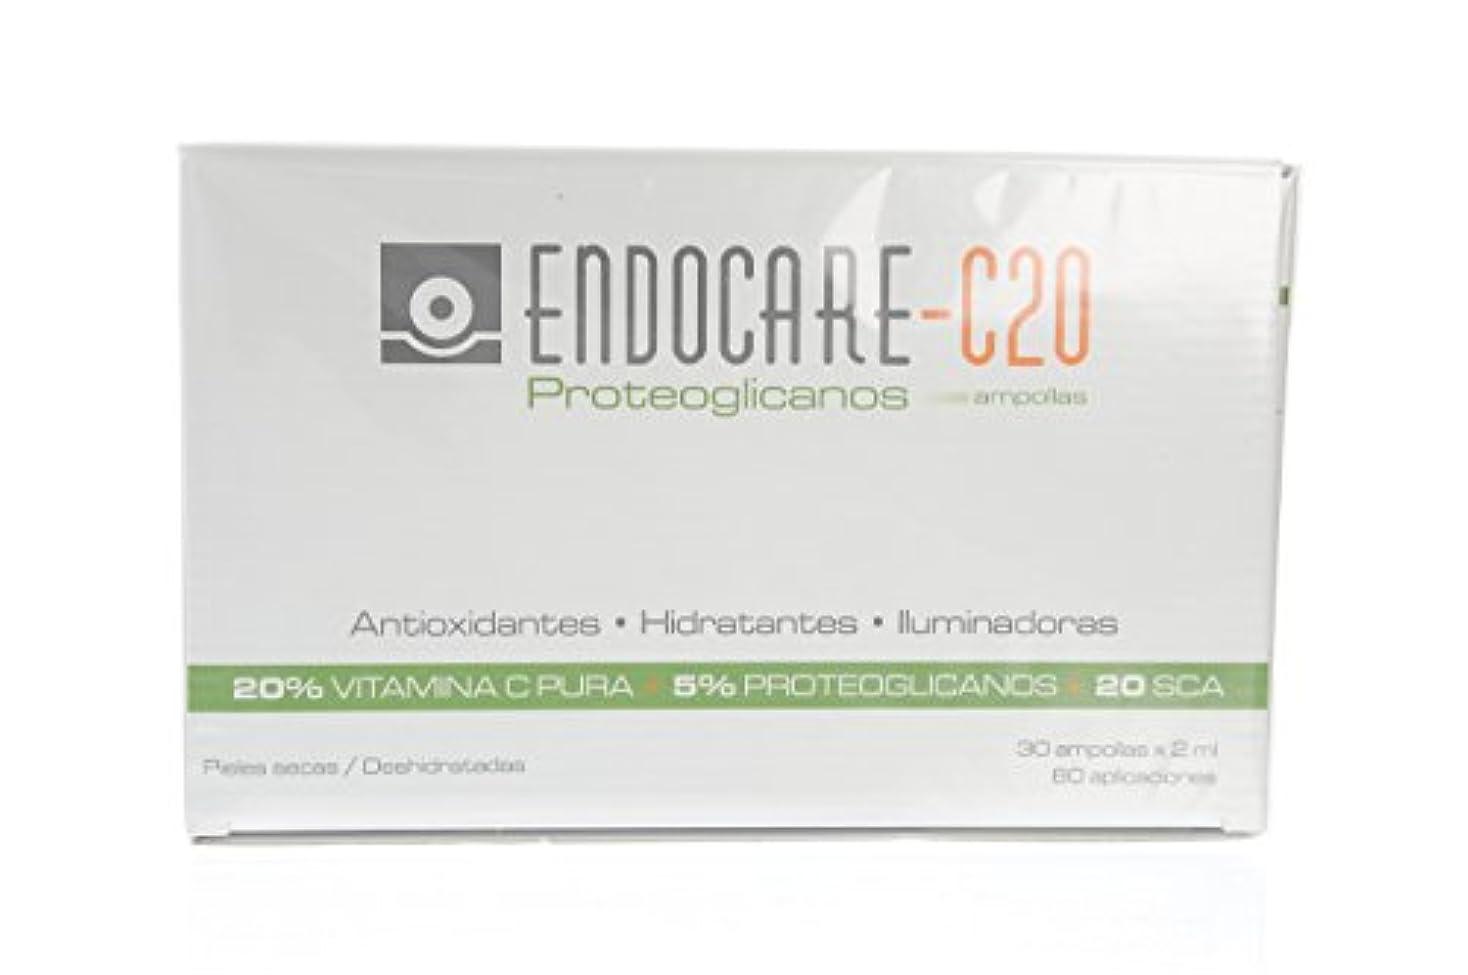 証人なんでも剥離ENDOCARE-C20 Proteoglicanos Ampollas 30x2ML